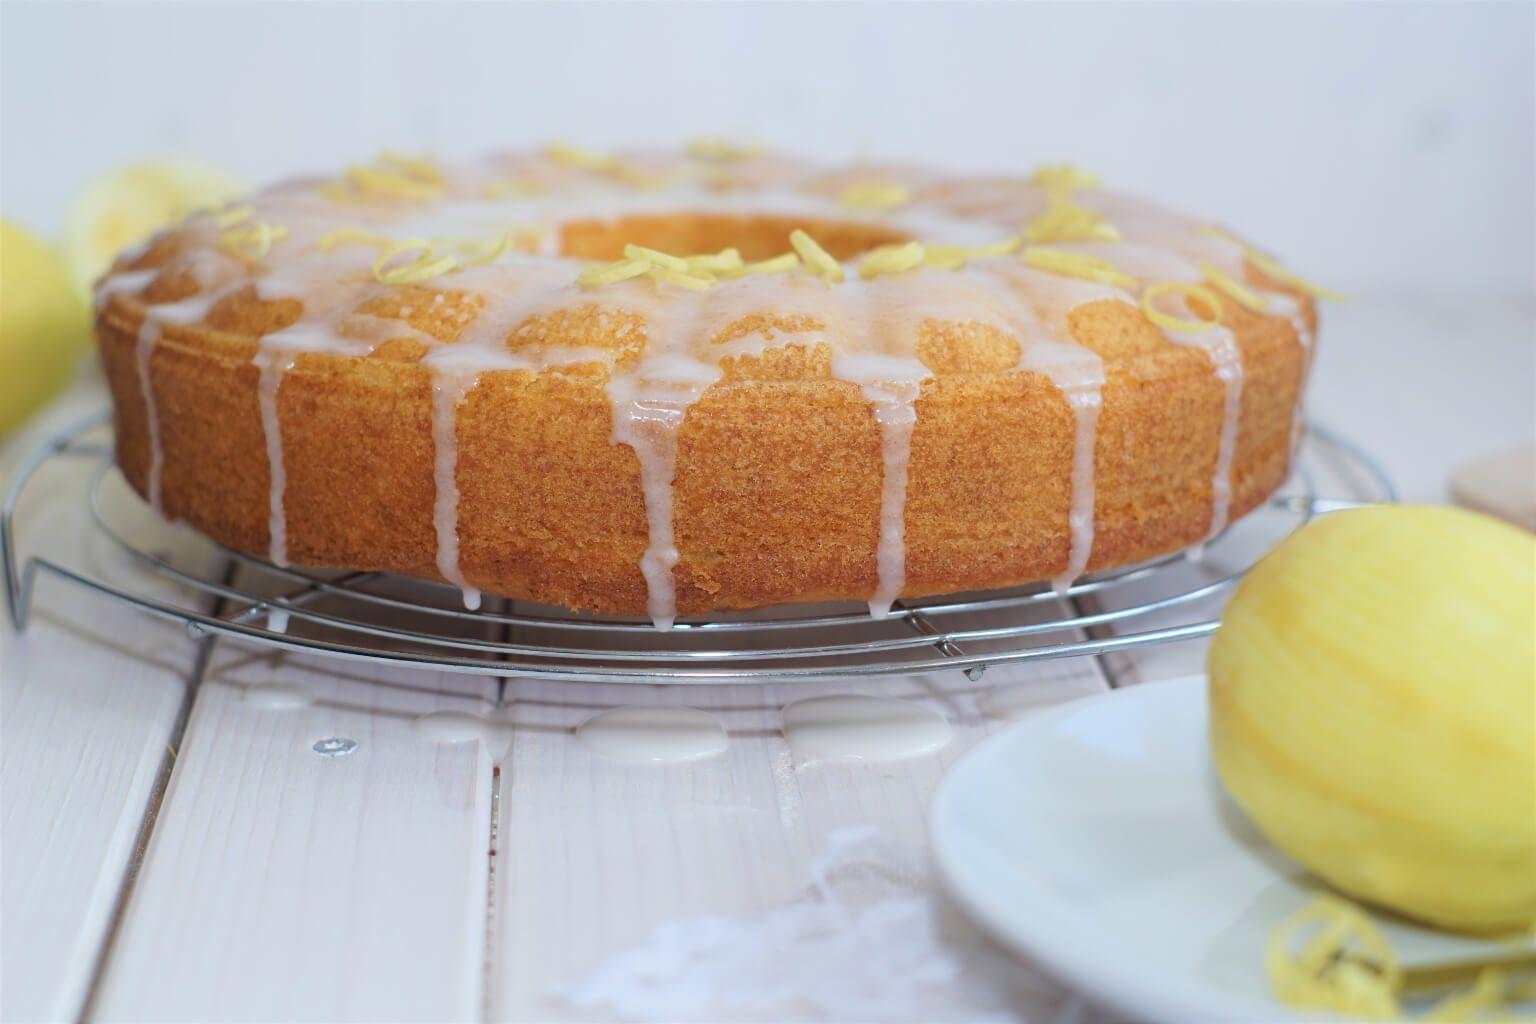 Zitronen Buttermilch Kuchen Rezept Buttermilchkuchen Zitronenkuchen Rezept Kuchen